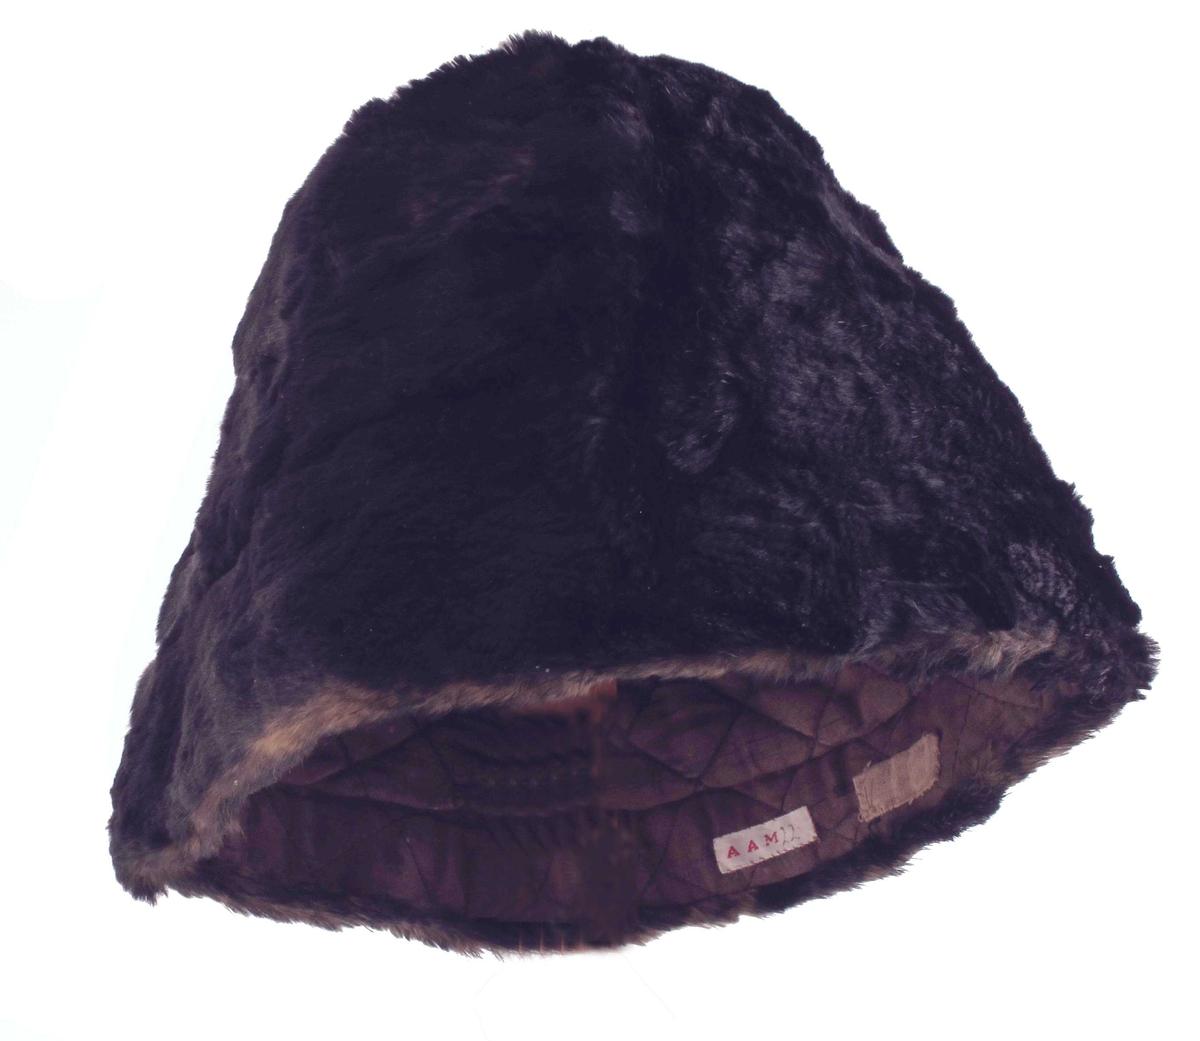 Skinnlue, sort bisam, brunlig vattert for. Tilstand okt, 1959: Slitt i kantene, foret temmelig  skittent og avfarget.  Innvendig ved kanten påsydd gulhvit grov Lerret-  slapp, uten synlig på skrift.